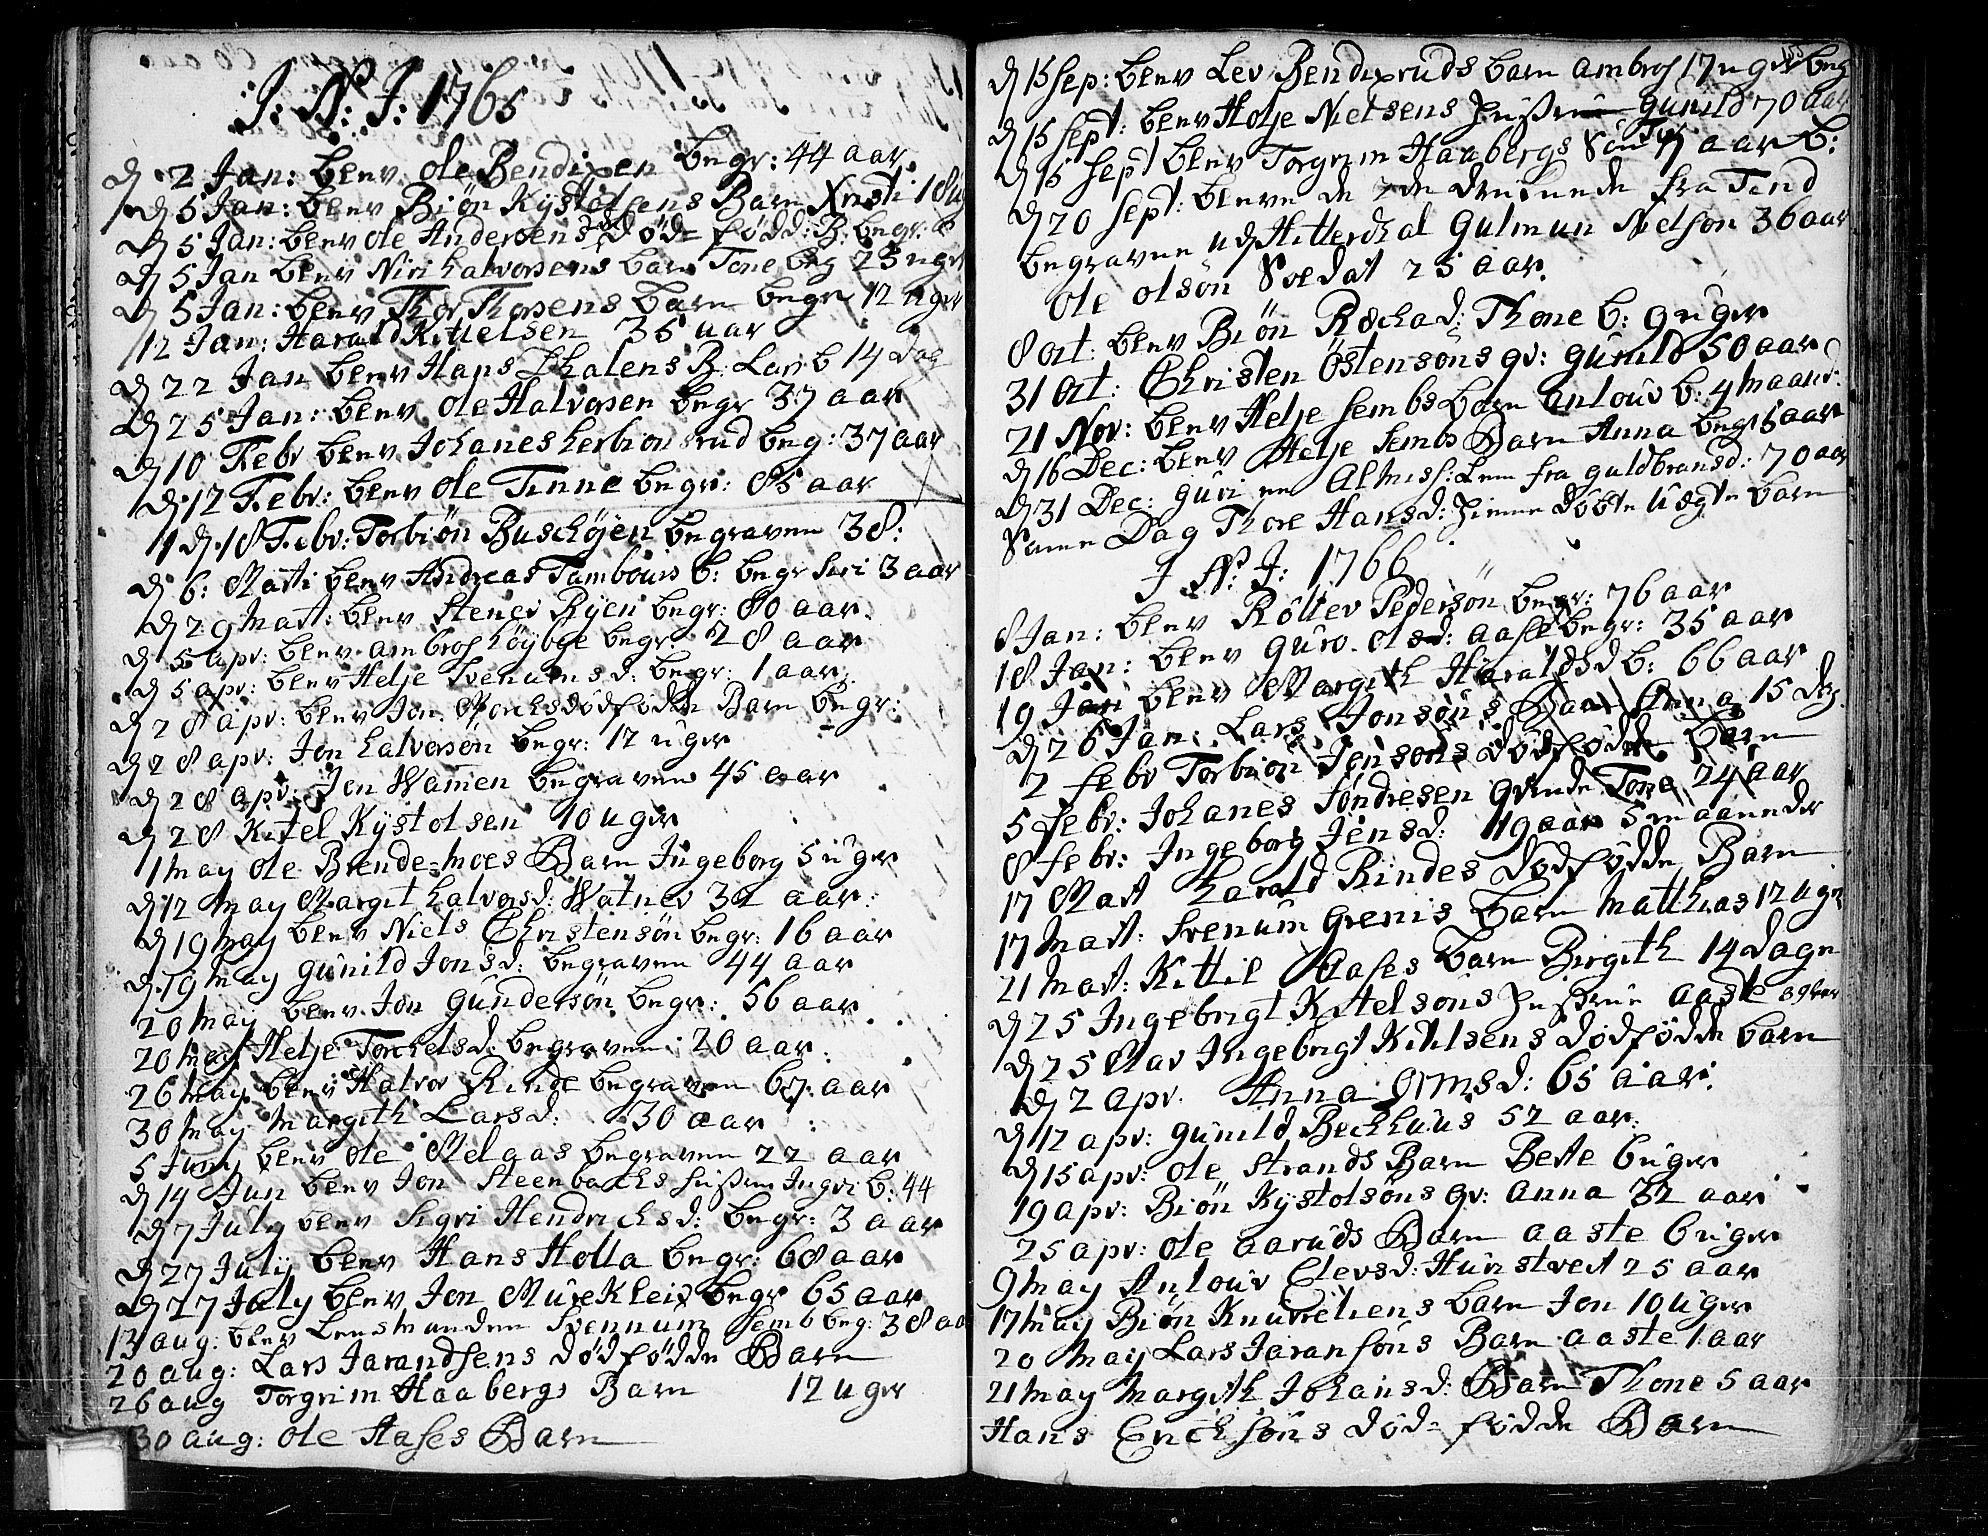 SAKO, Heddal kirkebøker, F/Fa/L0003: Ministerialbok nr. I 3, 1723-1783, s. 155